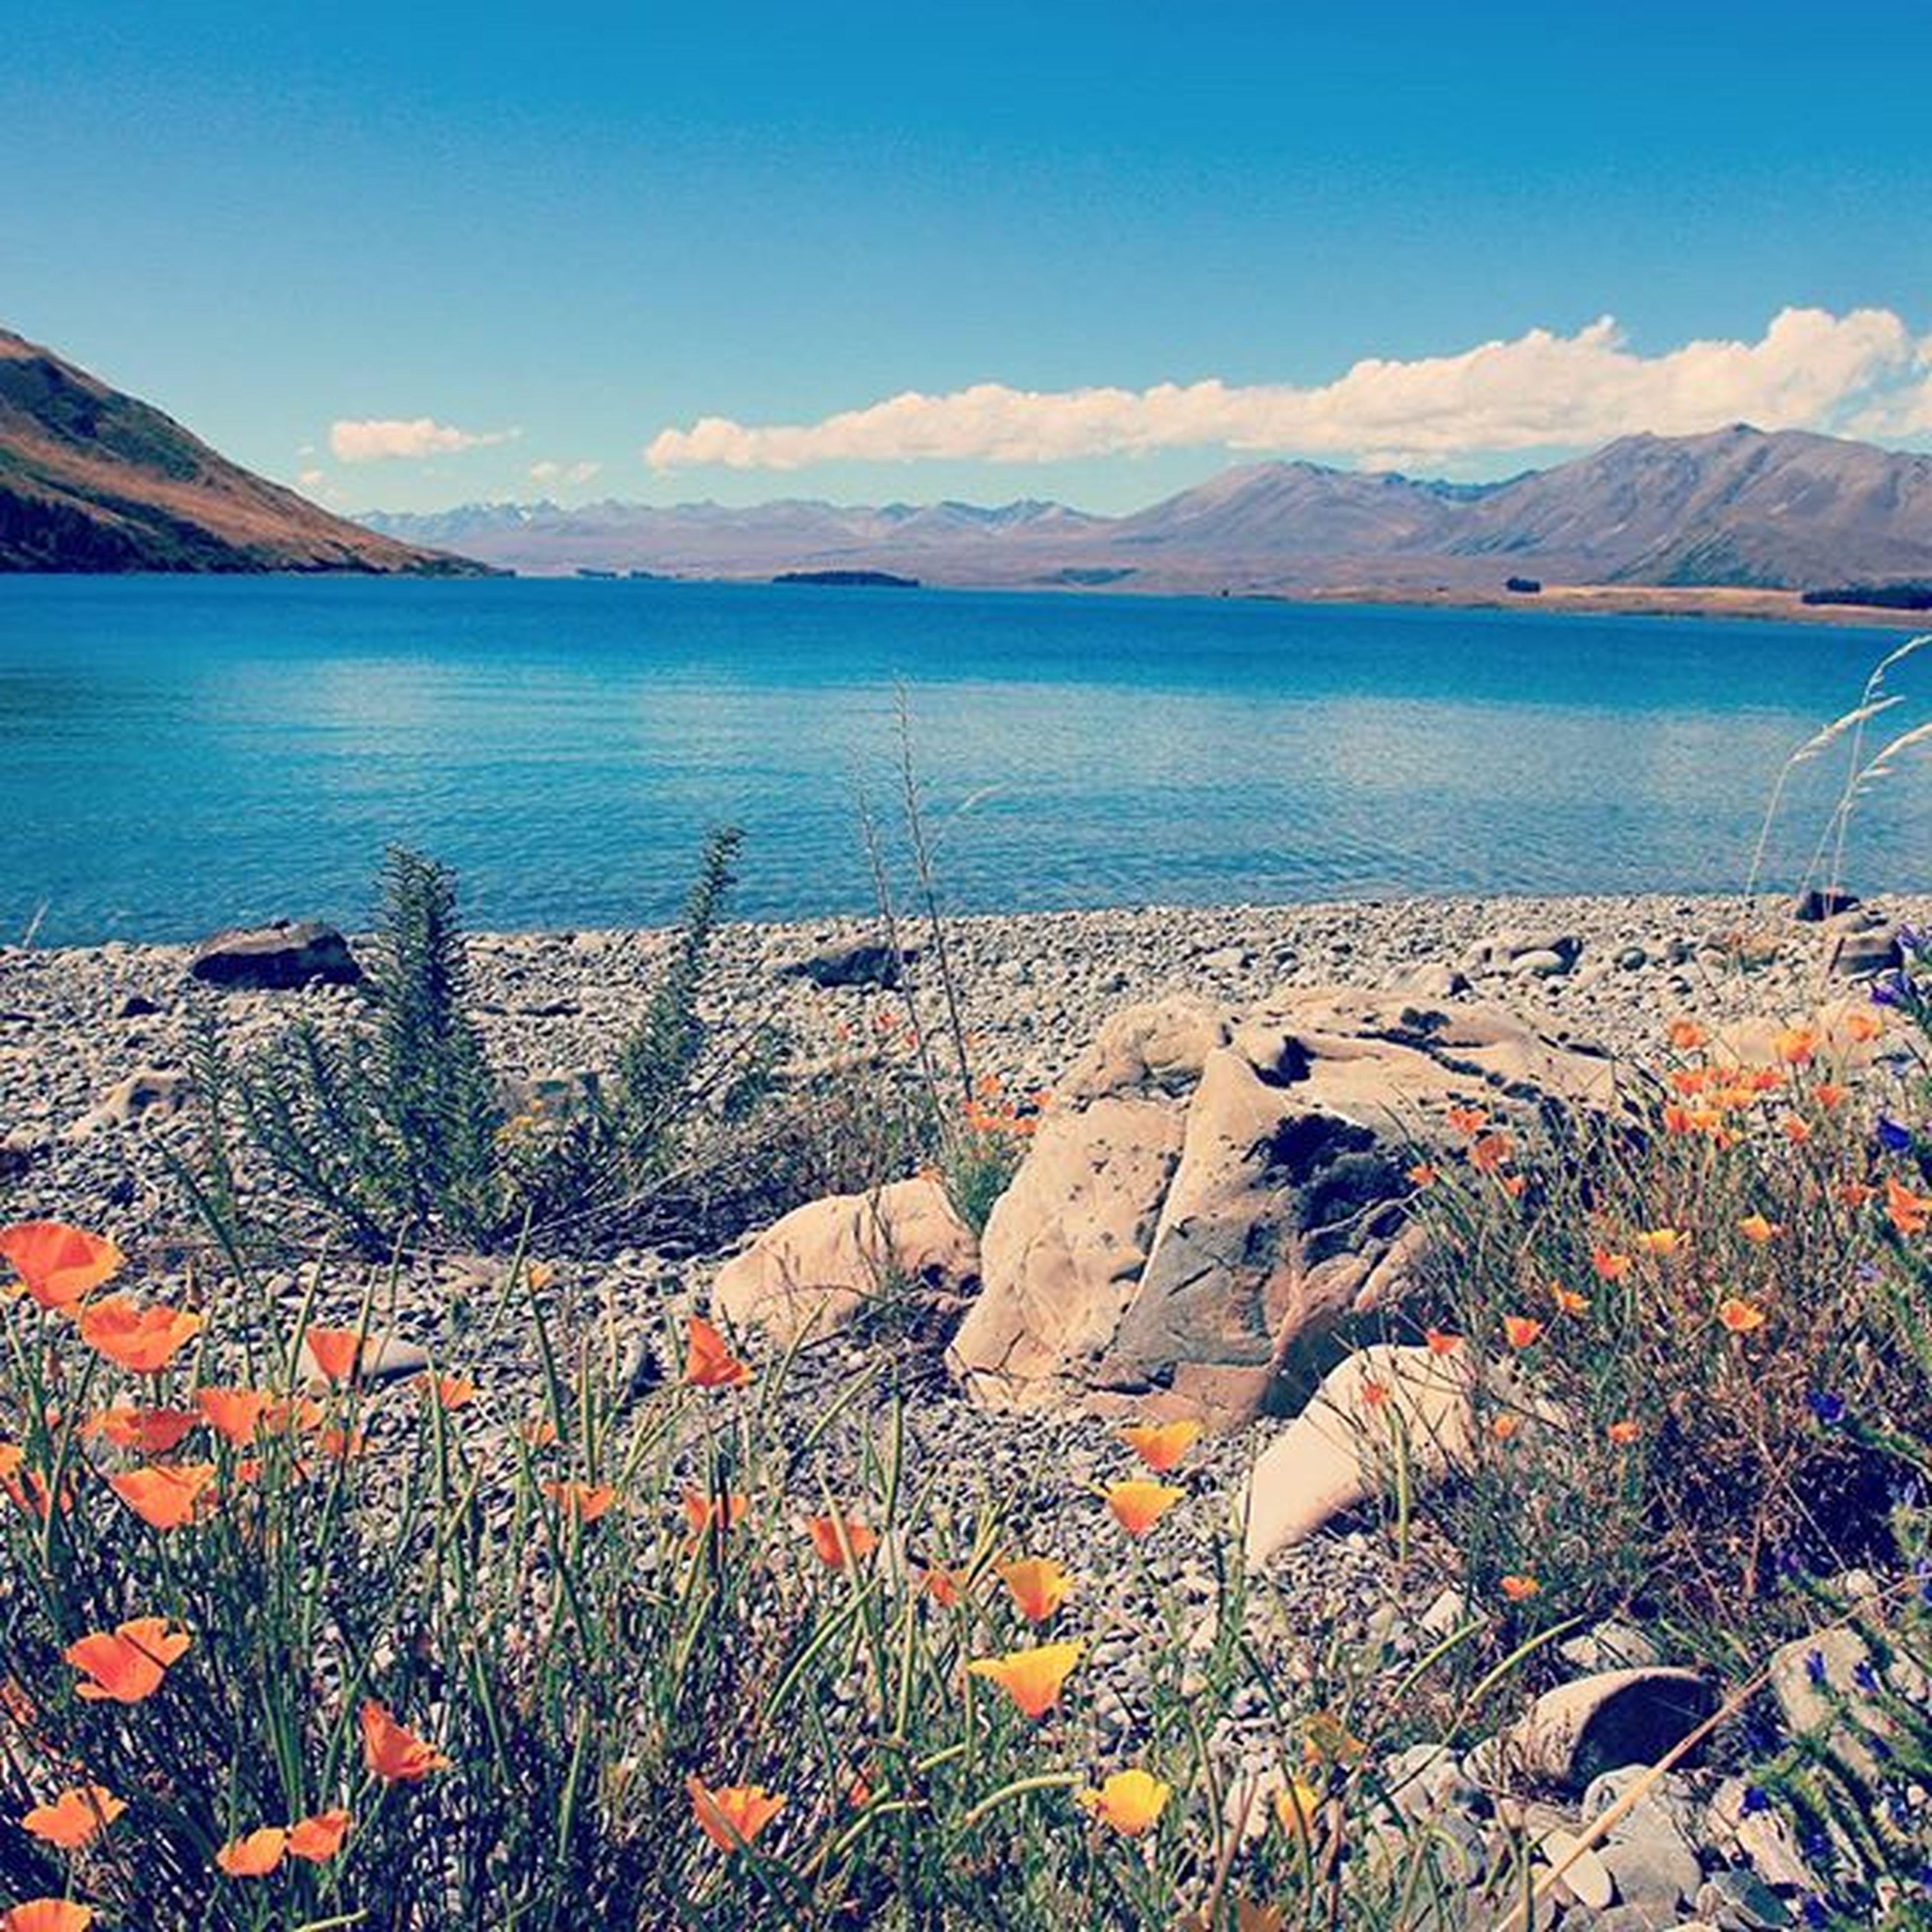 water, tranquil scene, mountain, tranquility, scenics, beauty in nature, sky, sea, nature, mountain range, blue, lake, idyllic, landscape, non-urban scene, beach, remote, calm, coastline, shore